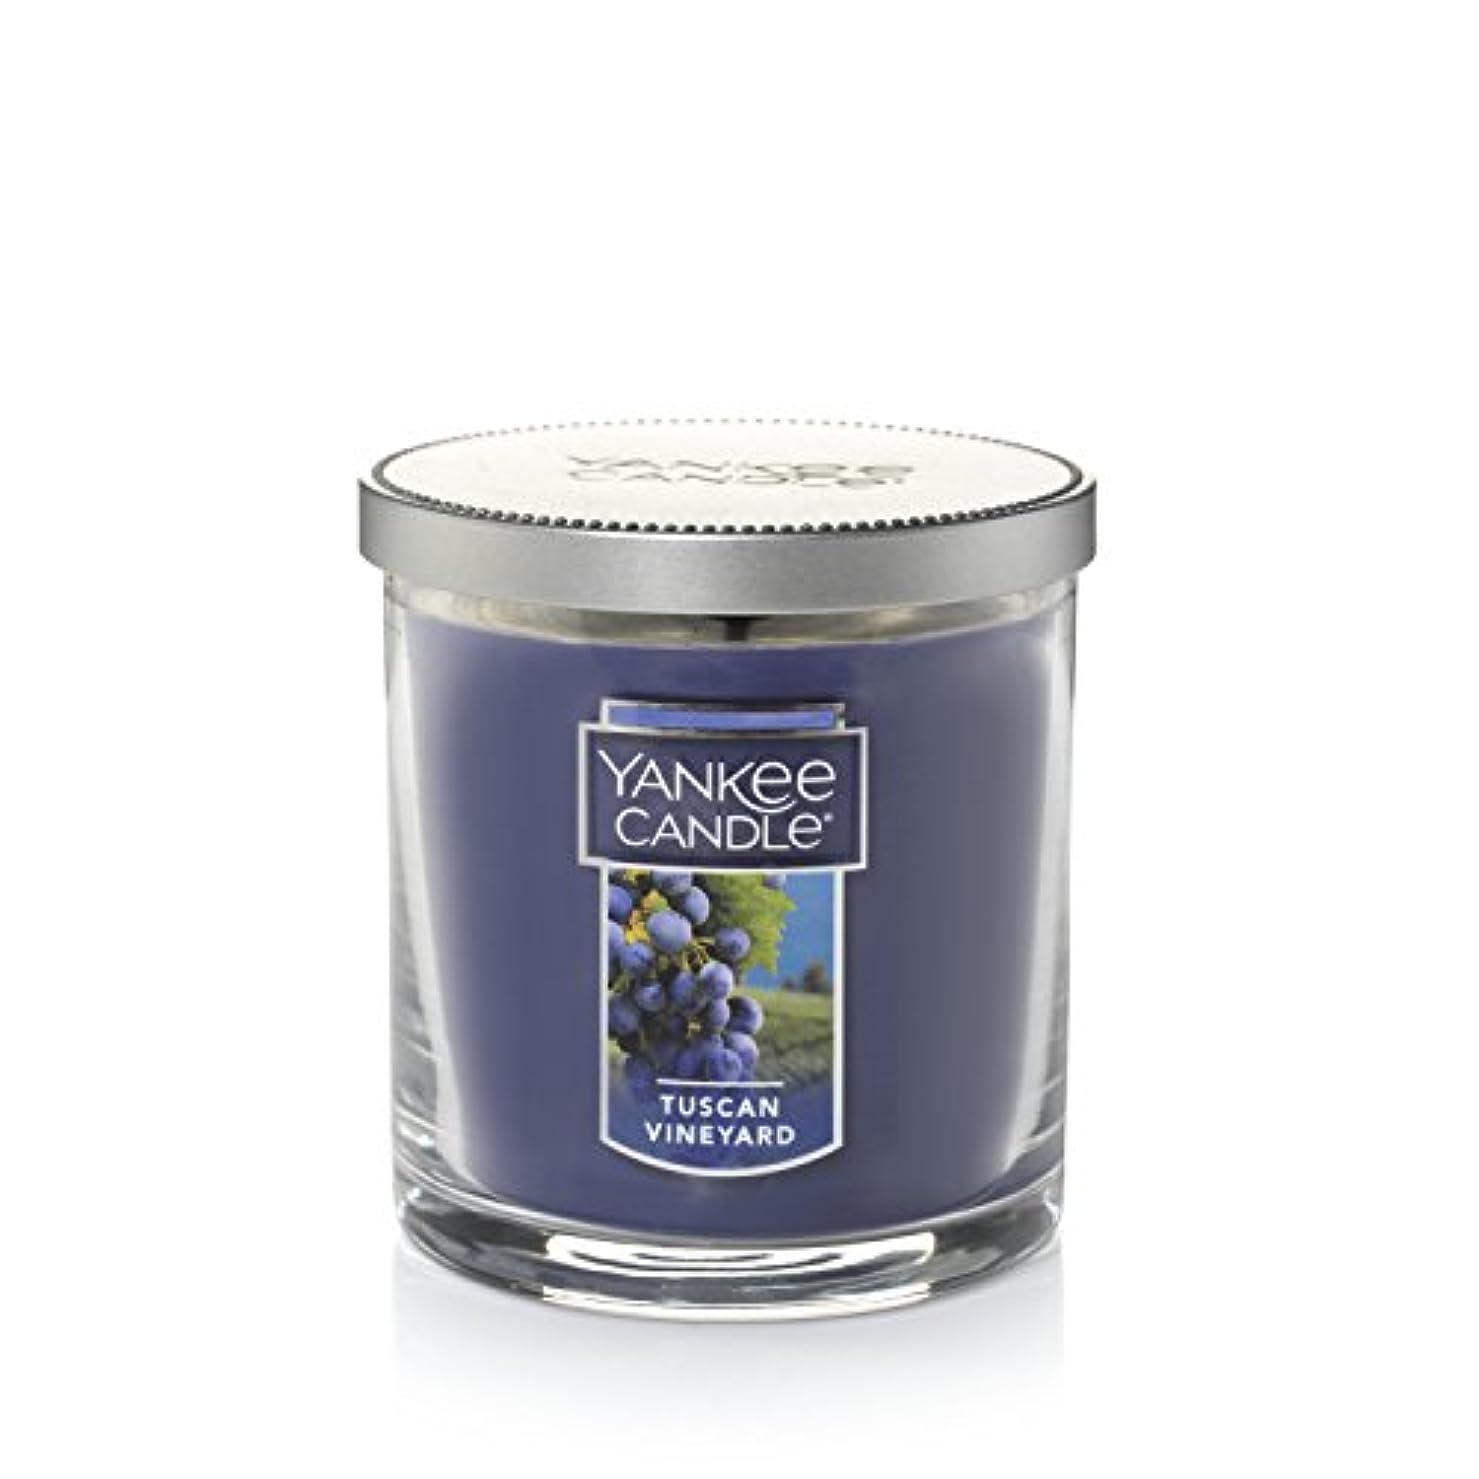 監査表示絡まるYankee Candle Vineyard、フルーツ香り Small Tumbler Candles パープル 1184180Z